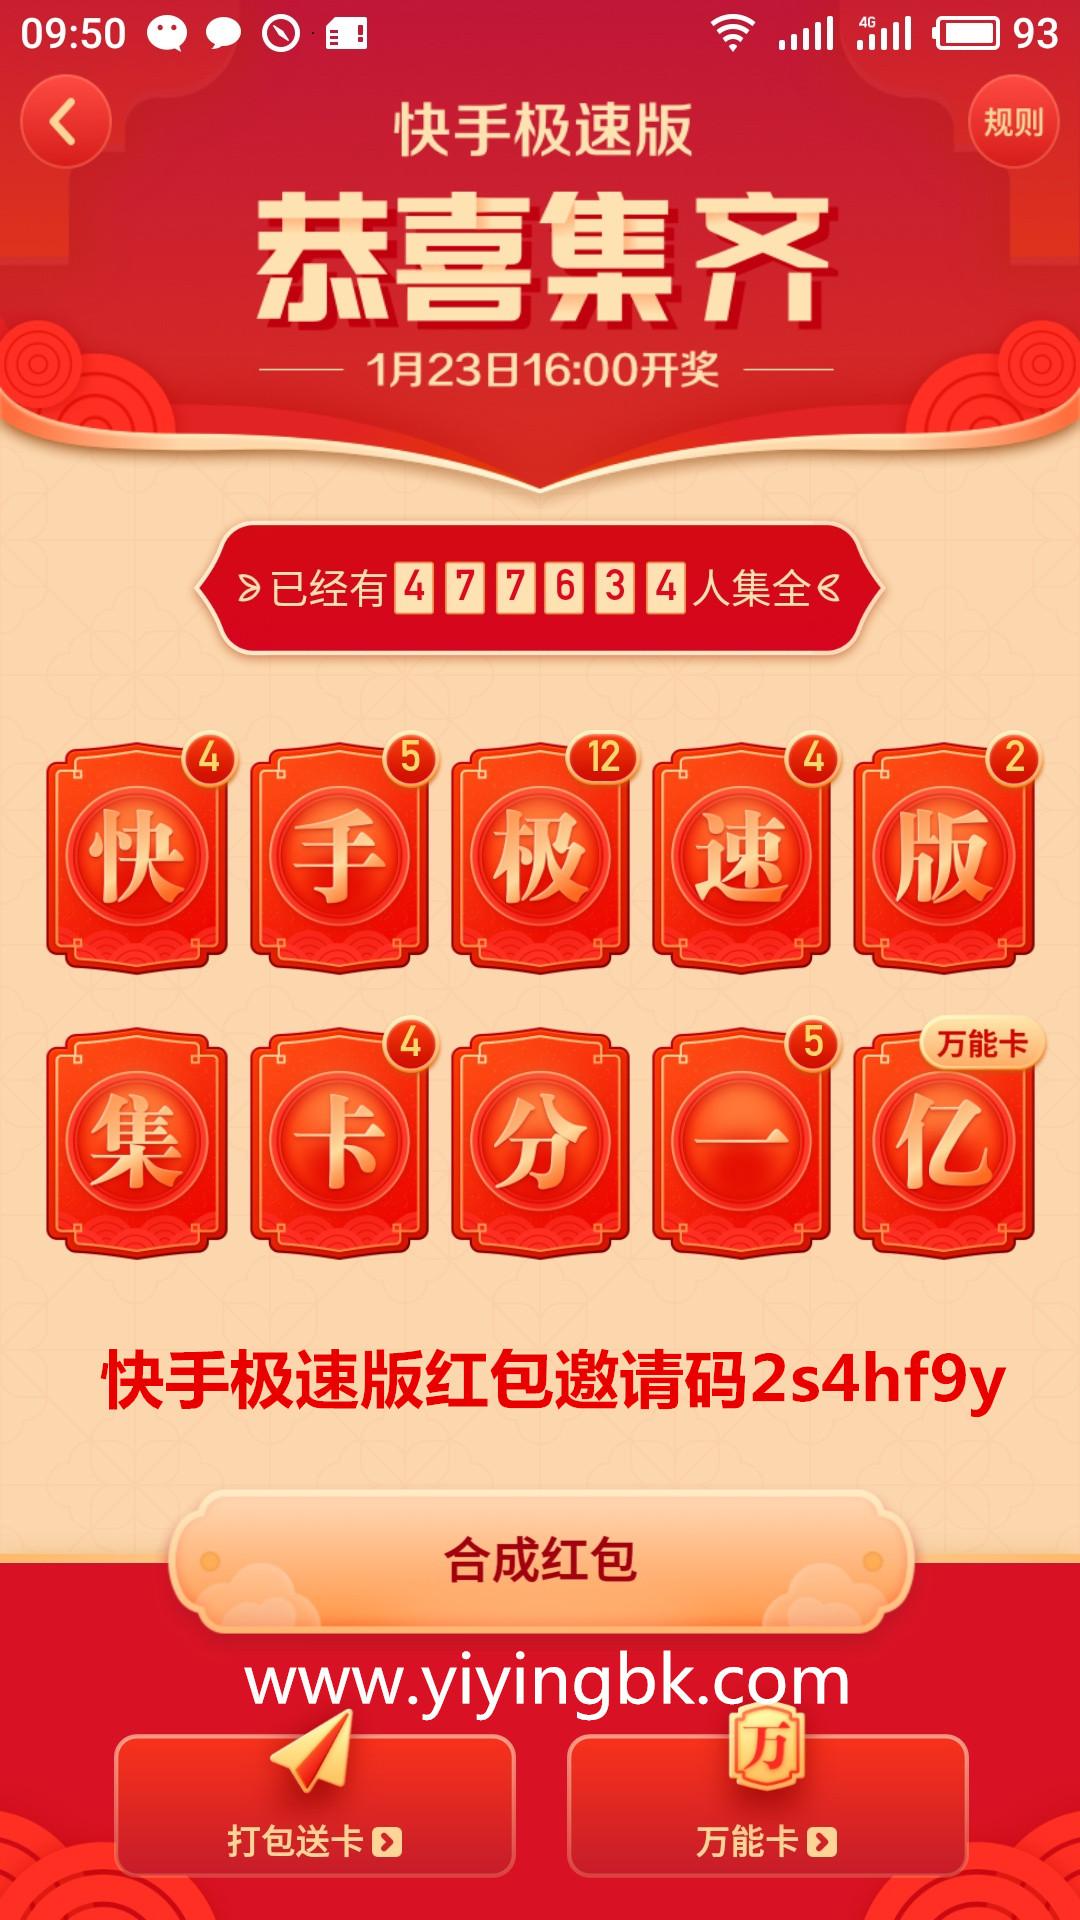 快手极速版集字卡瓜分1亿红包,我已经集齐坐等分1亿红包!